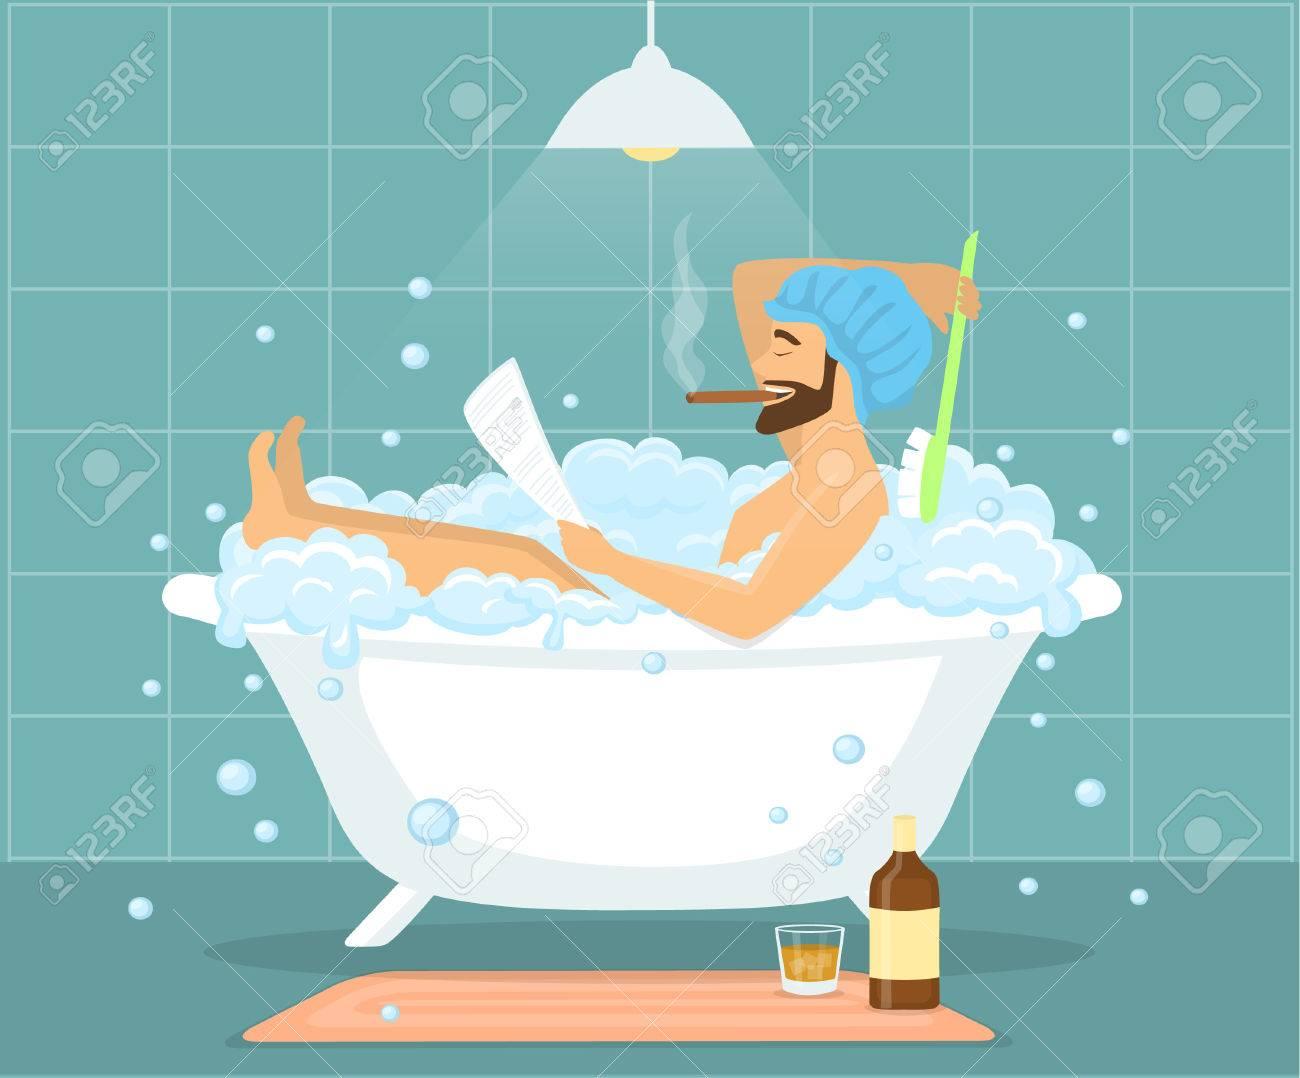 Happy Funny Man Guy Taking Bath In Bubble Vintage Bathtub, Relaxing ...